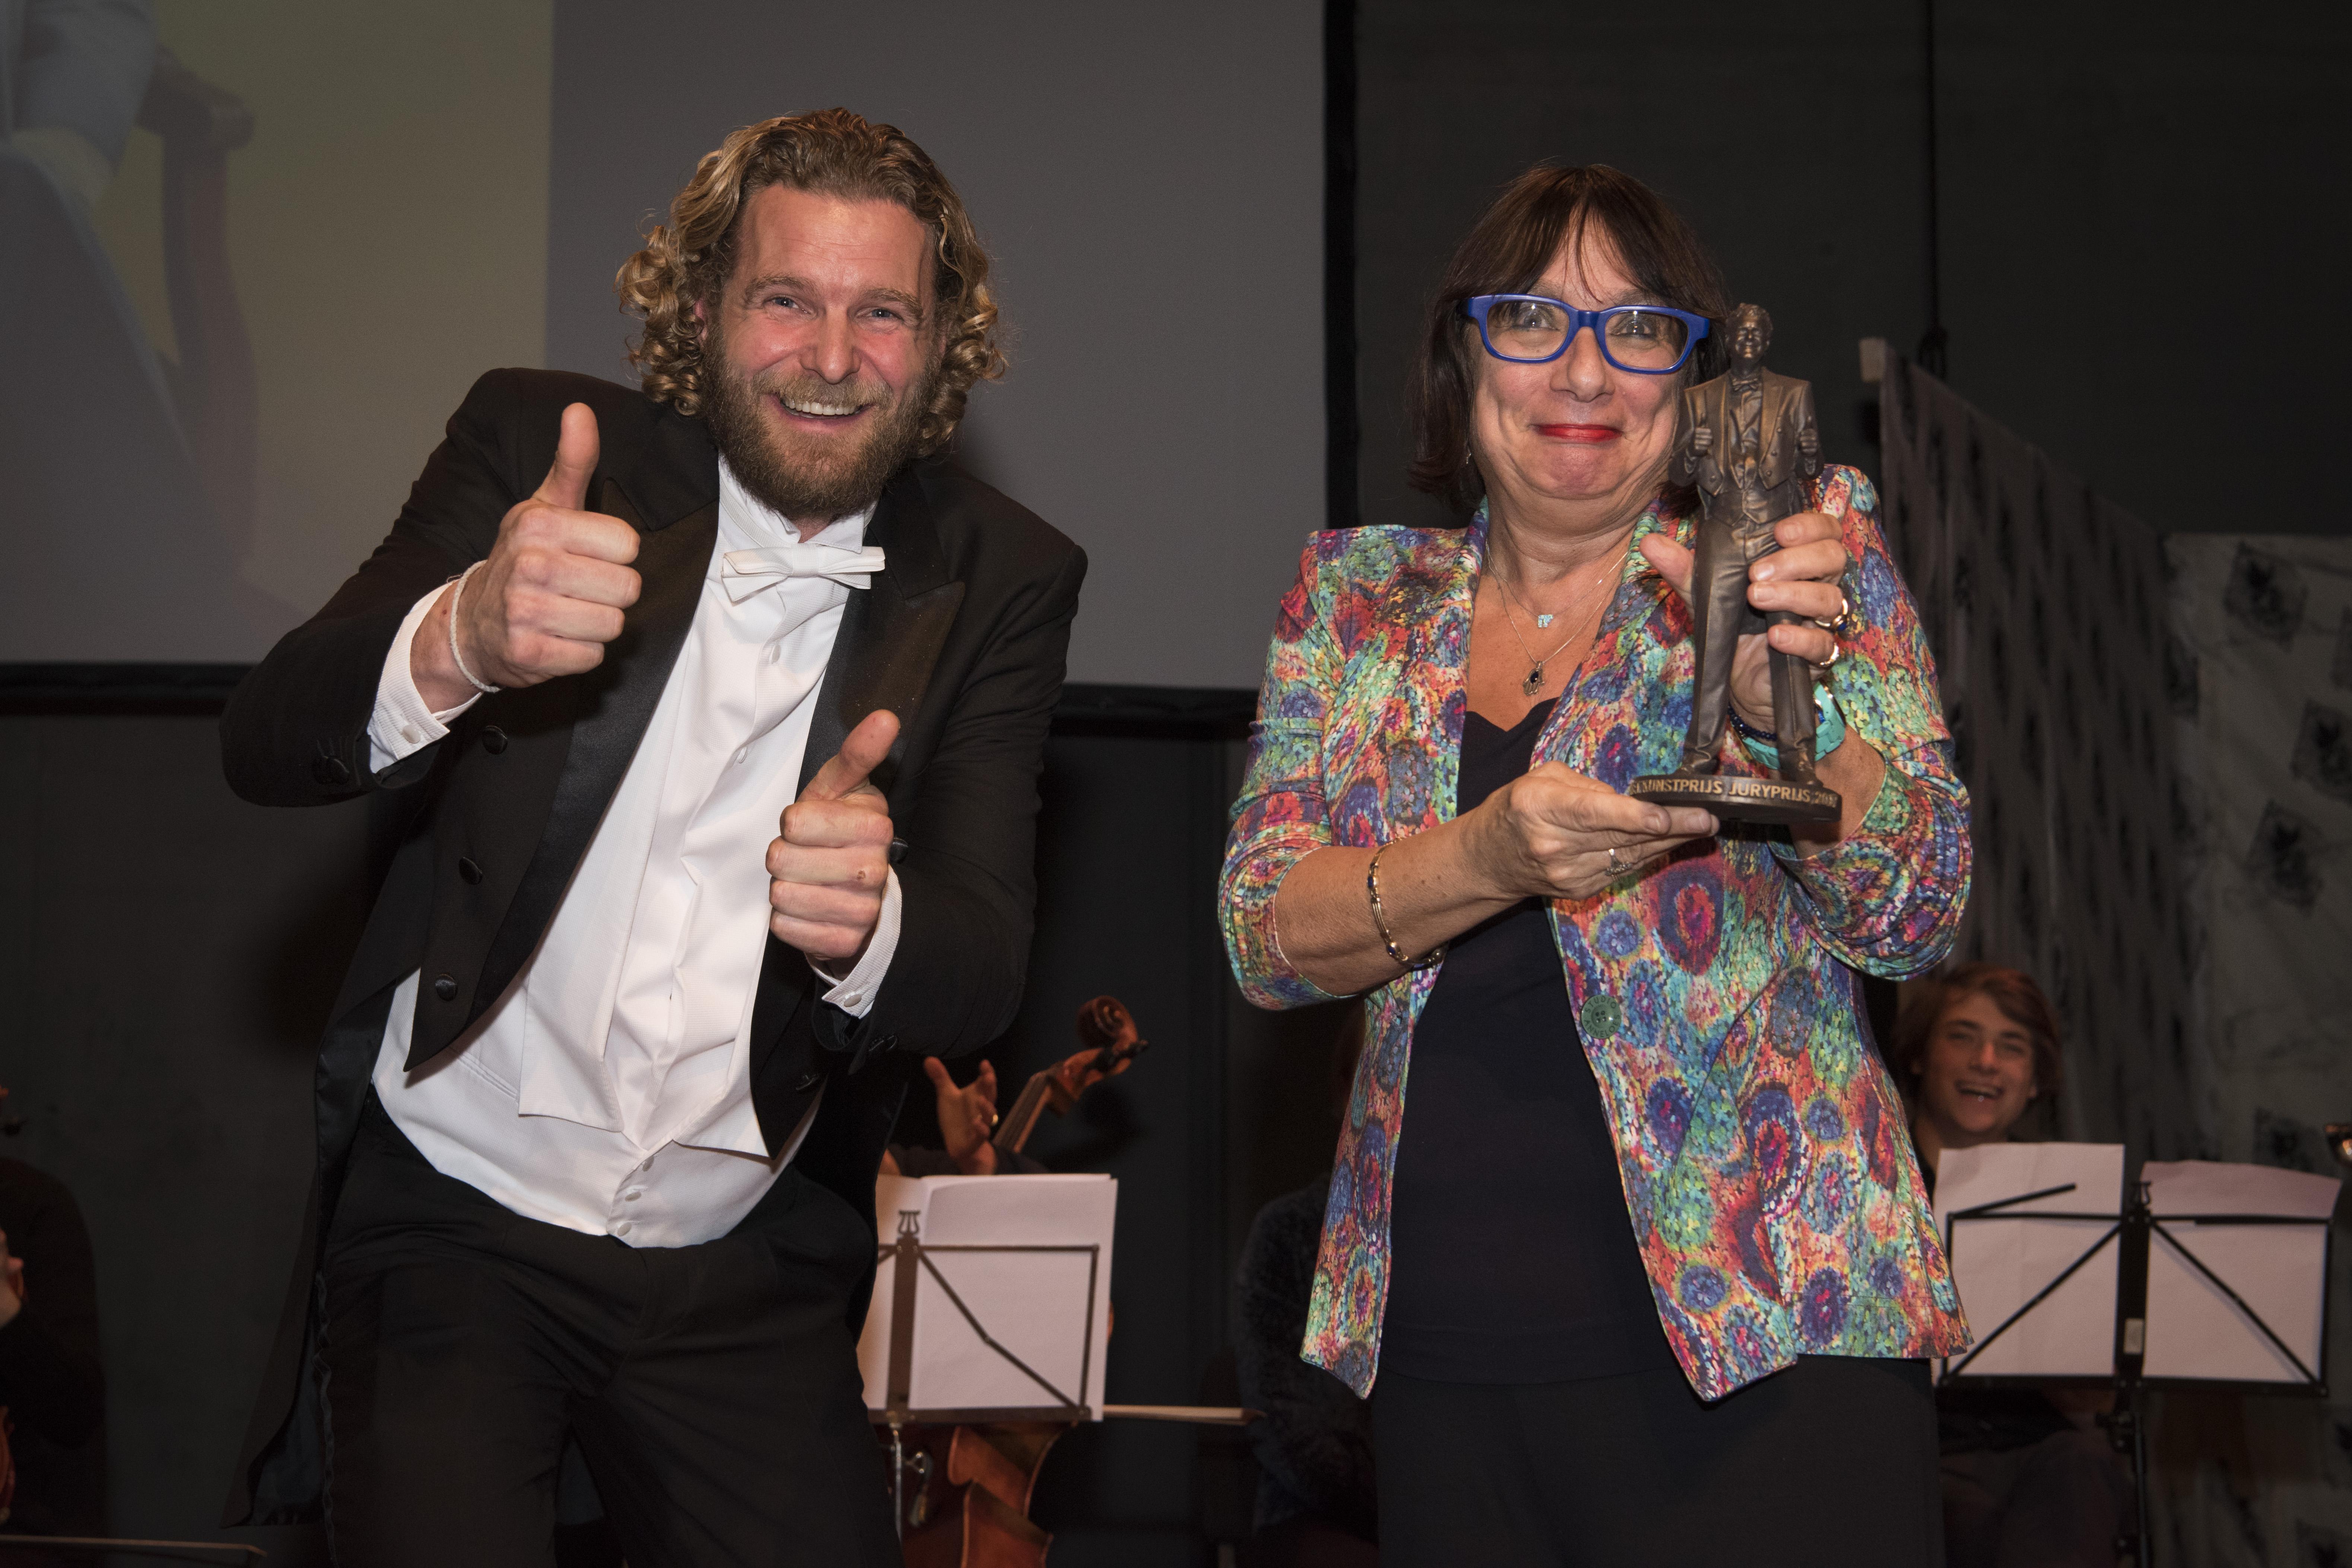 VLNR_Juryprijs2017_FlorentijnHofman_RebeccavanLeeuwenRabarber_foto-Janneke-van-Beek